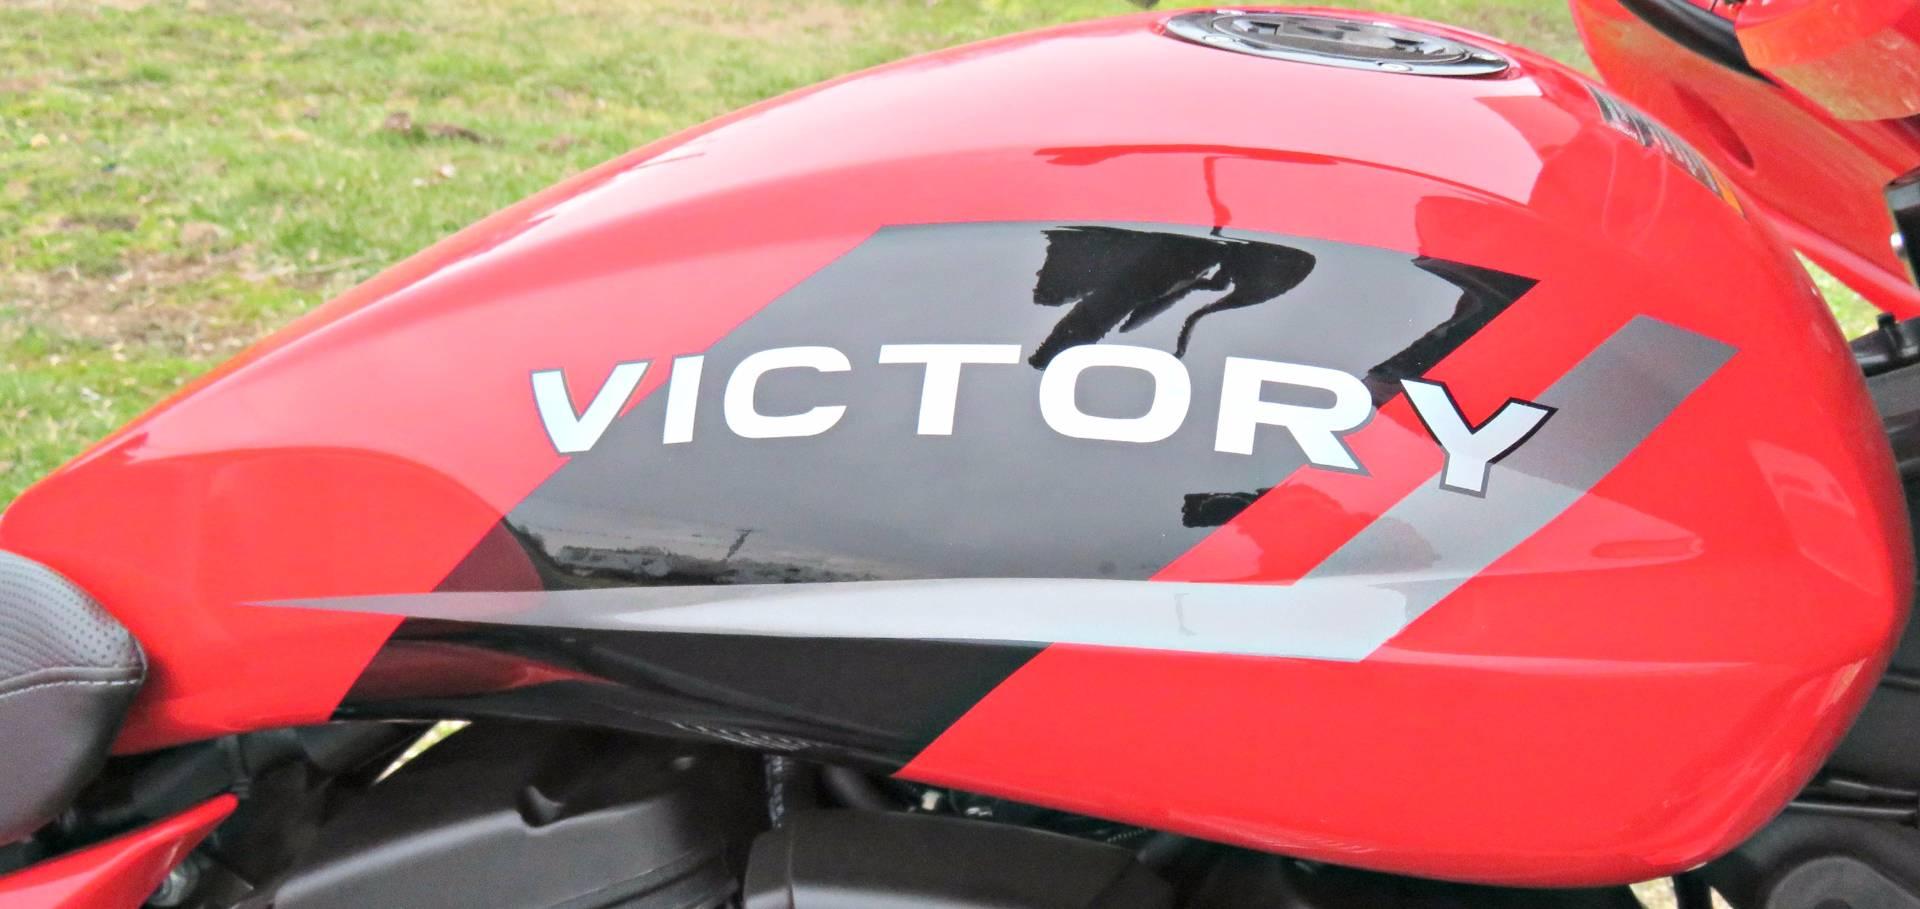 2017 Victory MAGNUM in Marengo, Illinois